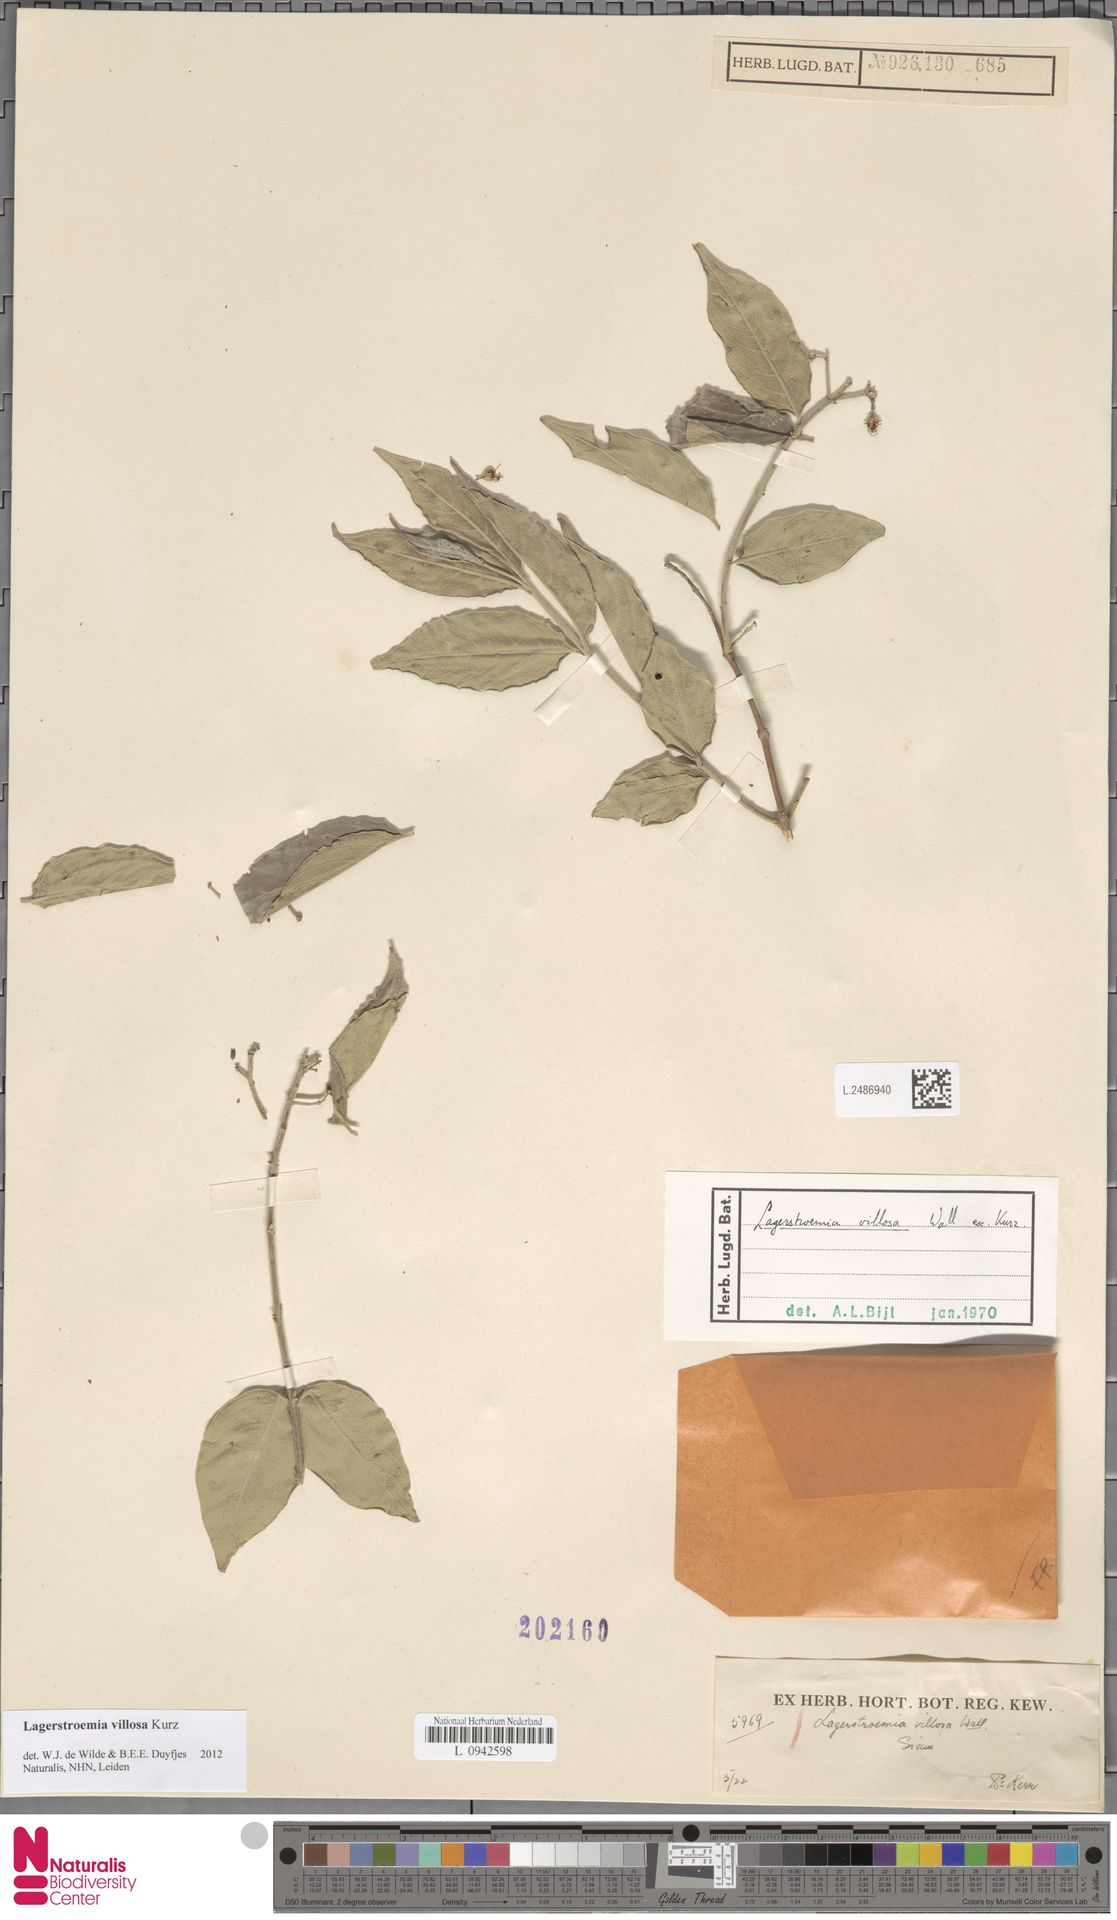 L.2486940 | Lagerstroemia villosa Wall. ex Kurz